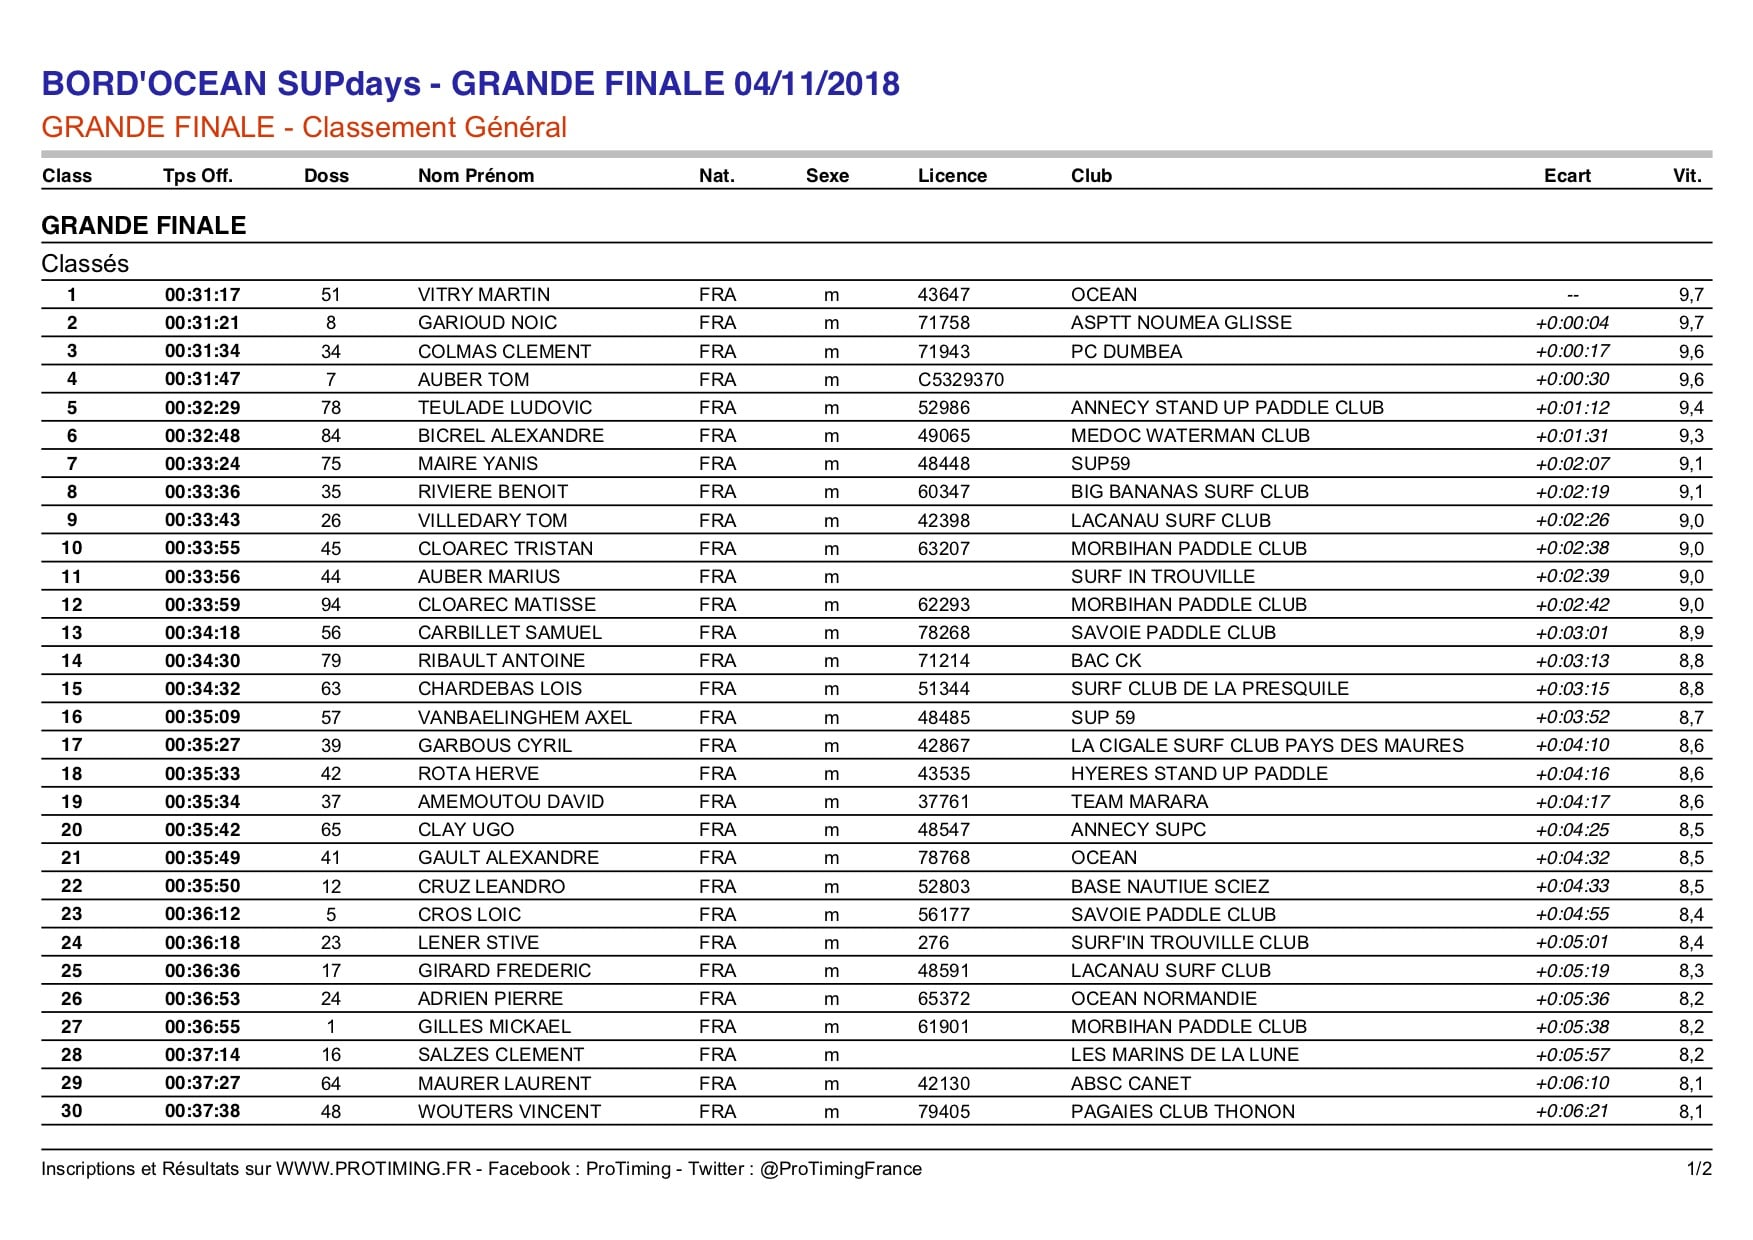 Résultats des championnats de France stand up paddle 2018 en  12'6